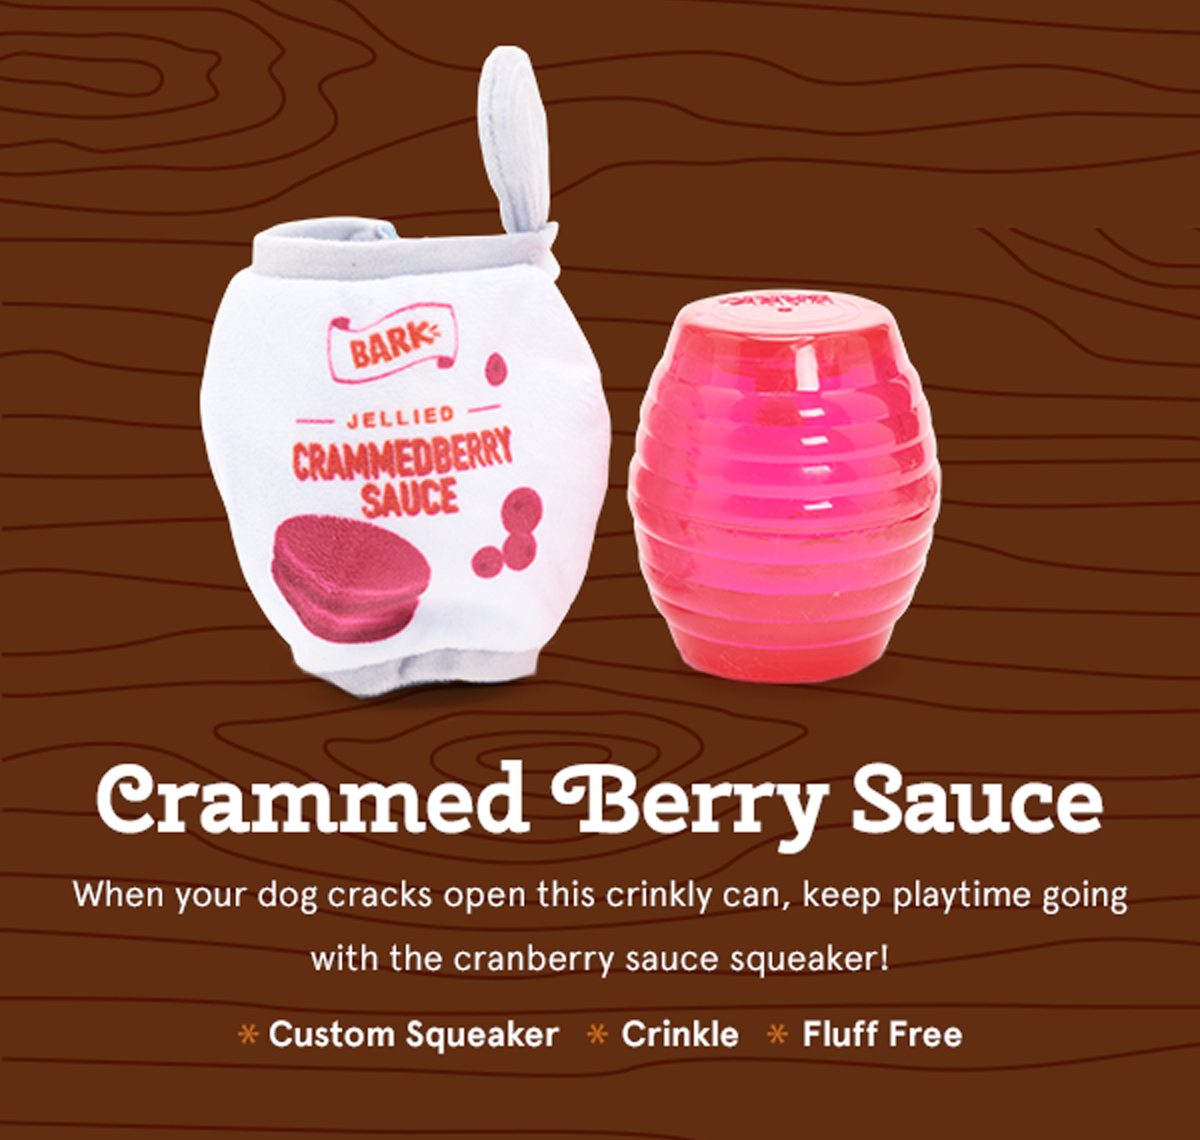 Crammed Berry Sauce